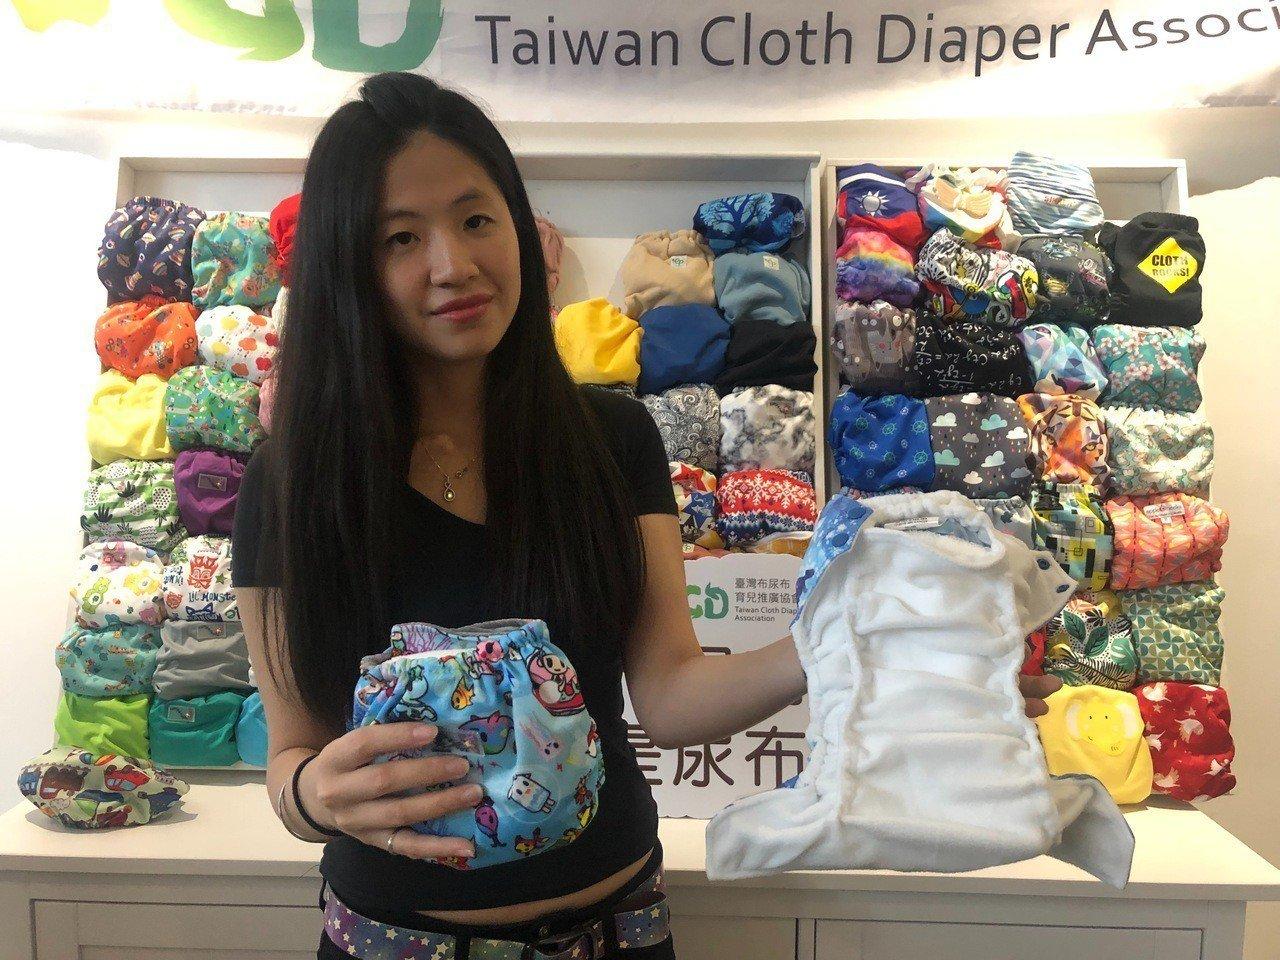 台灣布尿布推廣協會創辦人蔣敏俐。記者侯俐安/攝影